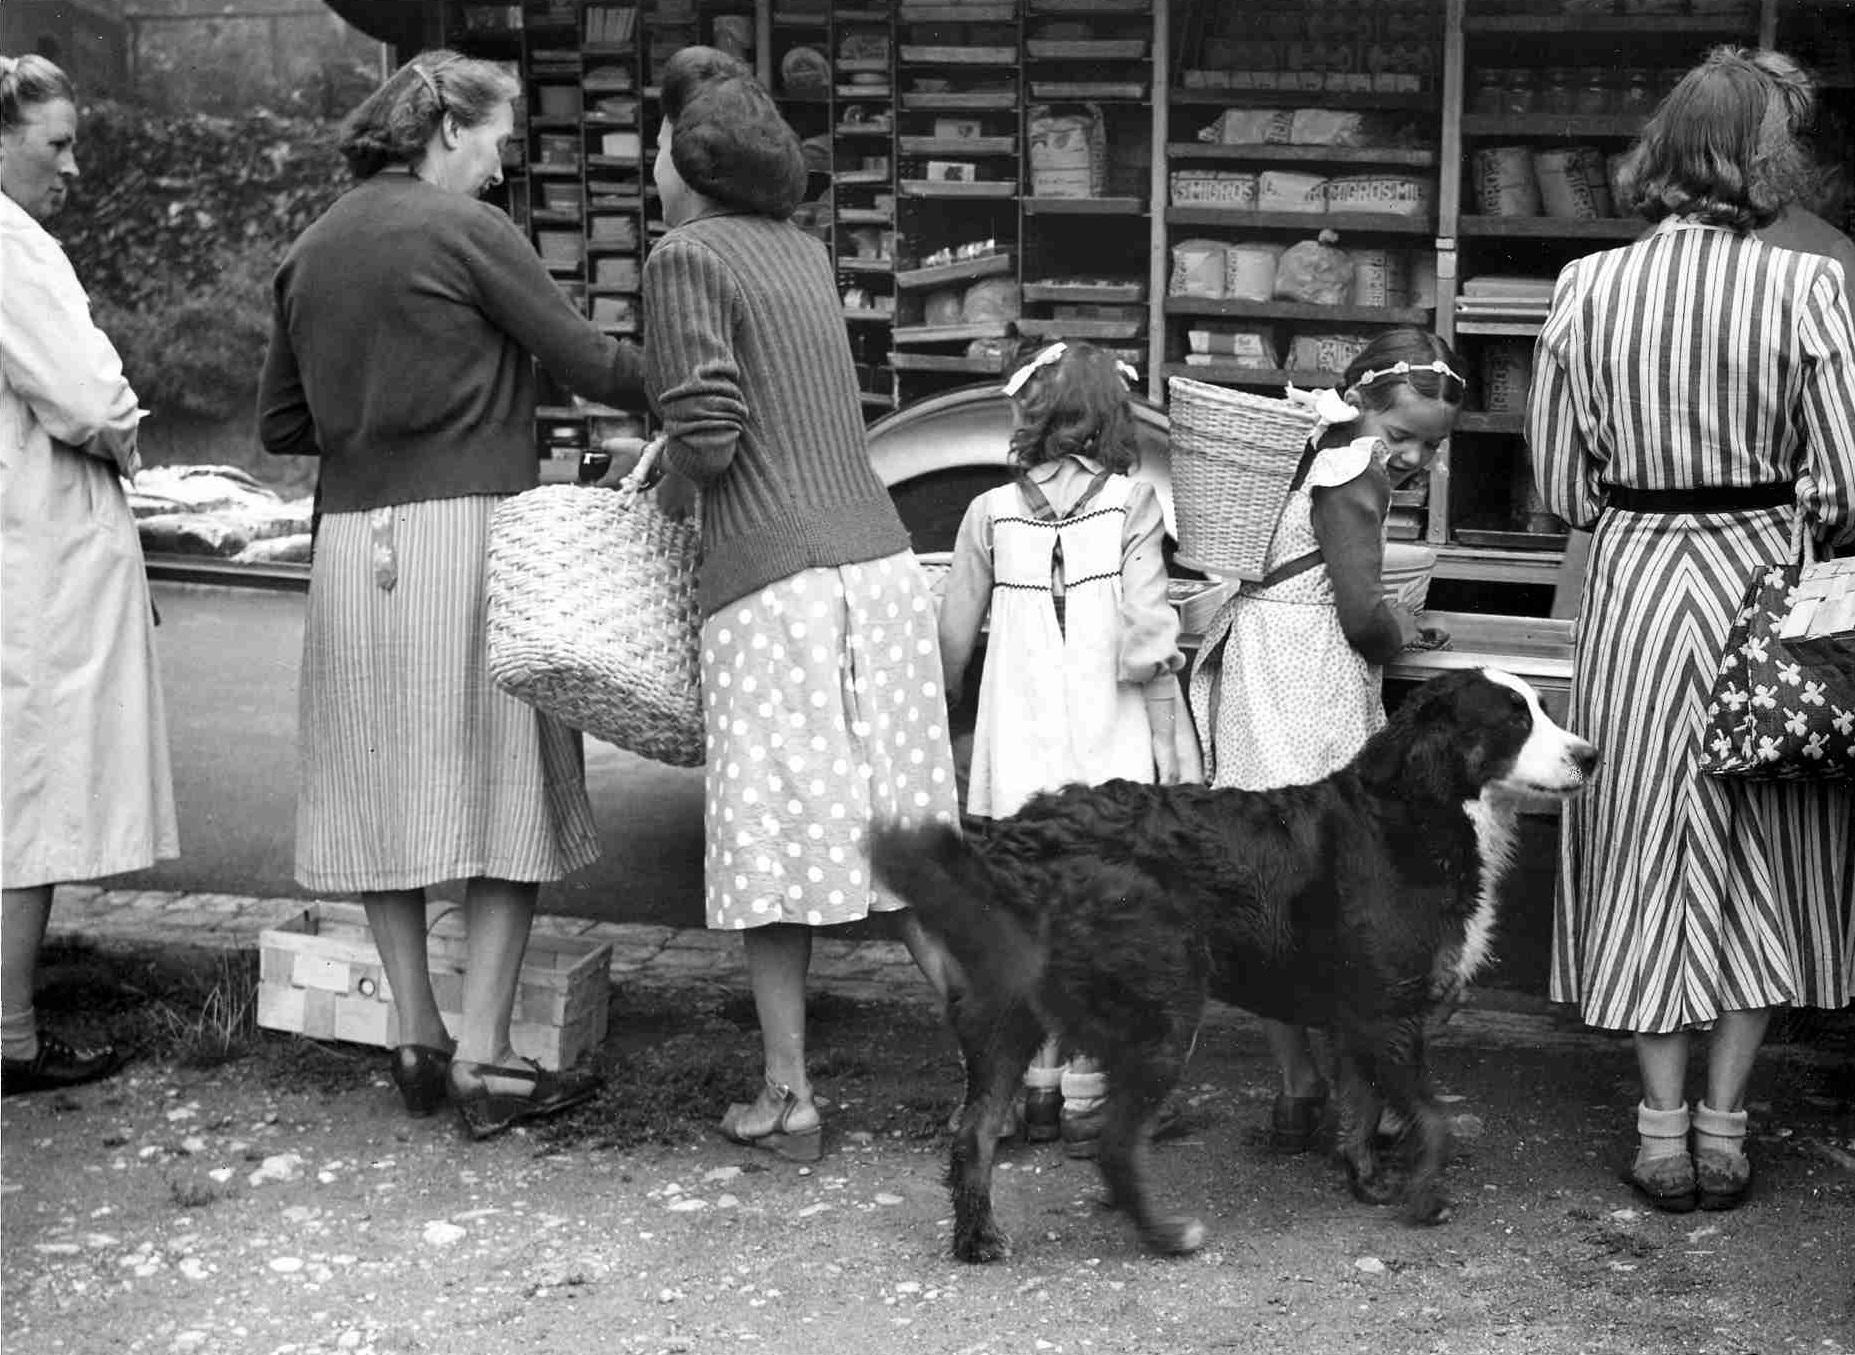 Schwarz-Weiss-Foto. Vier Frauen, zwei junge Mädchen und ein Hund stehen vor einer Warenauslage im Freien.